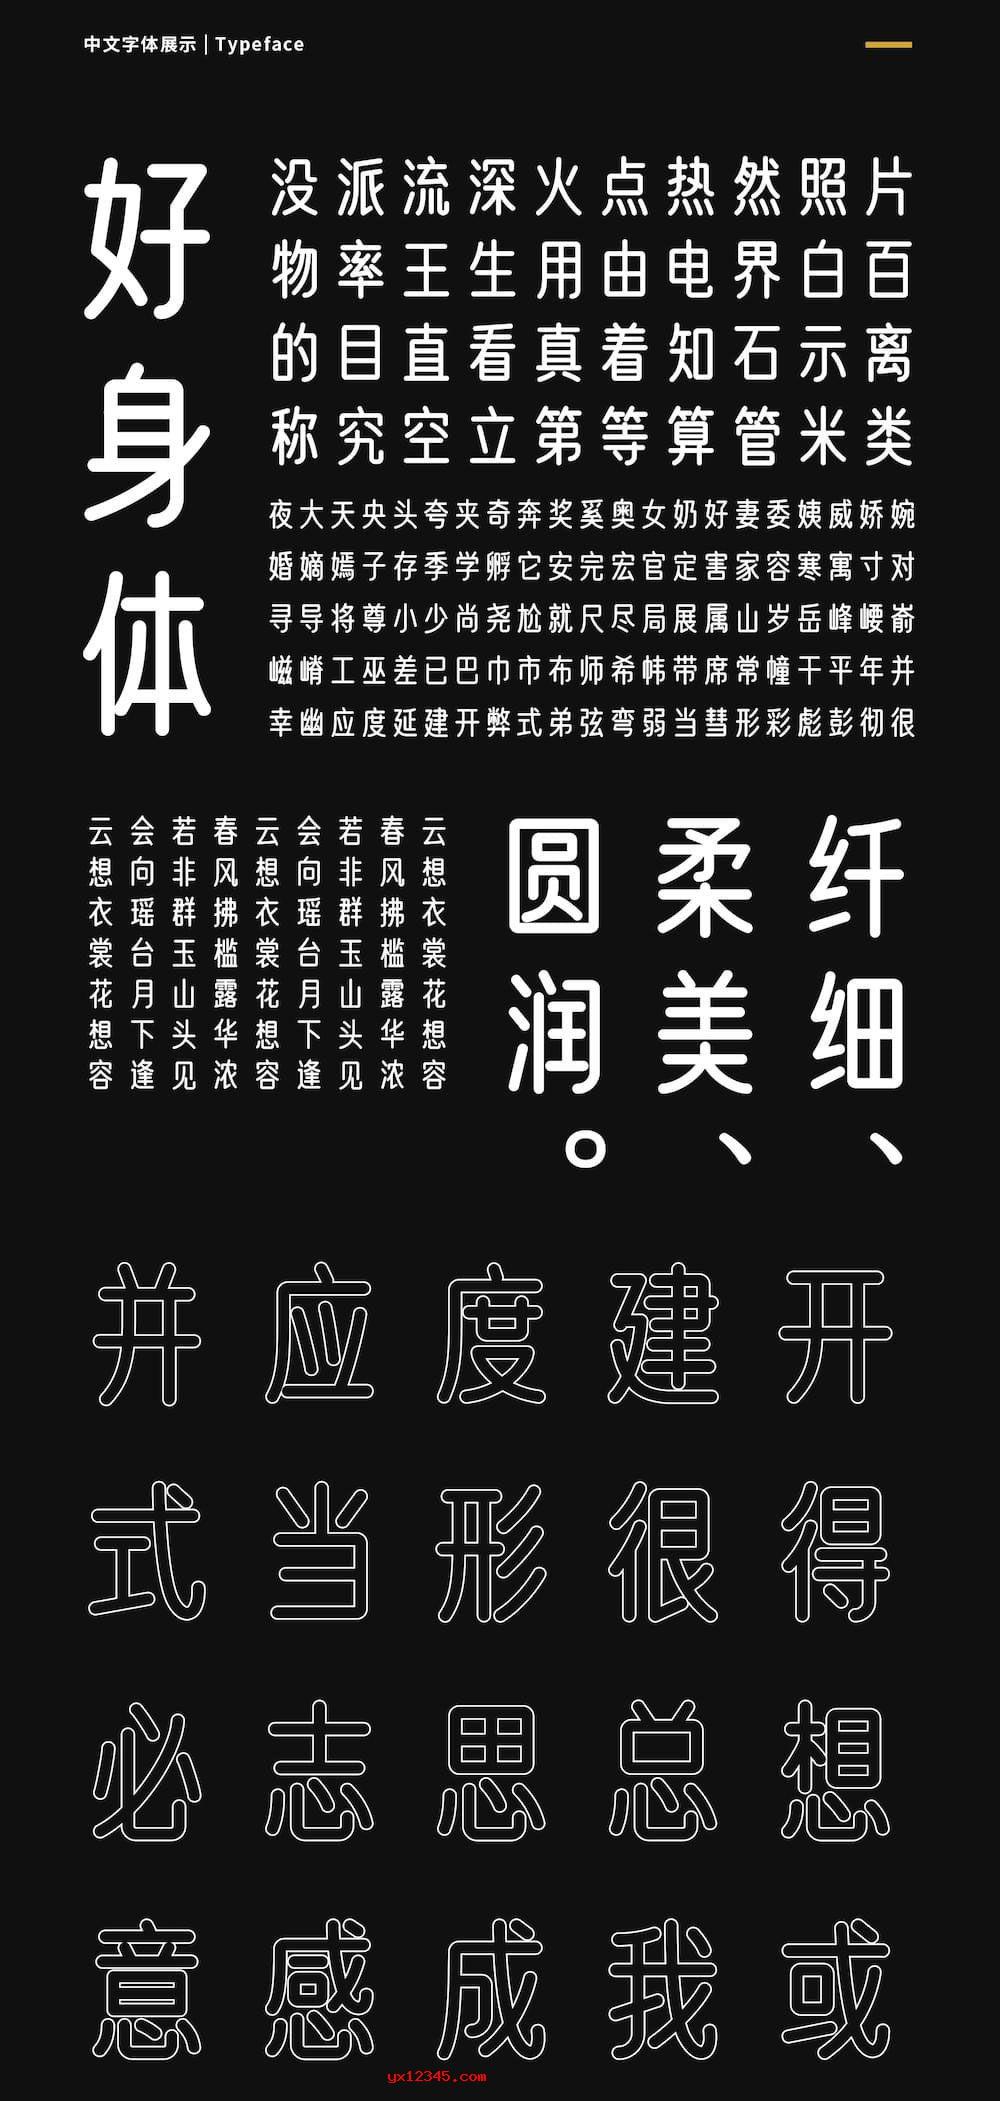 字体设计说明